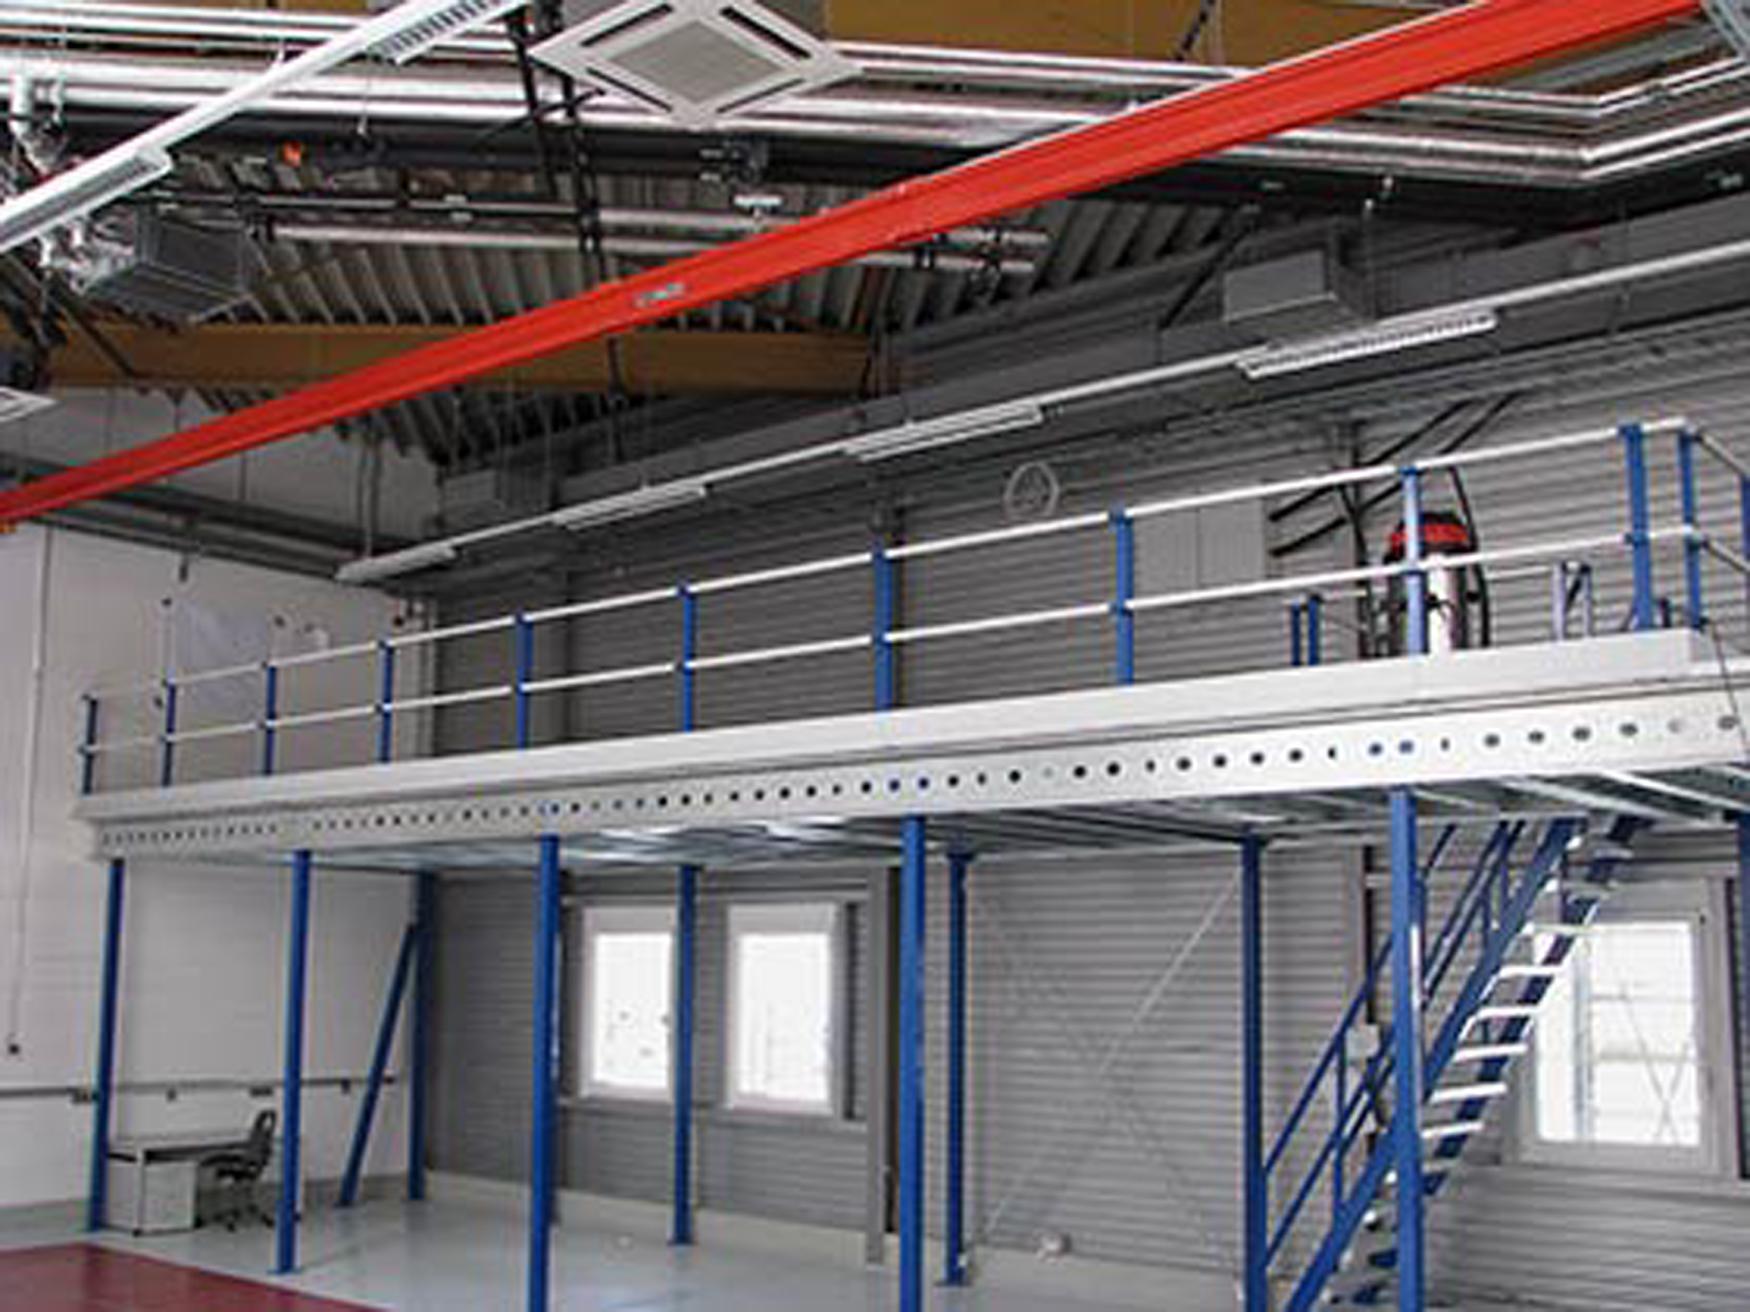 Fraunhofer Project Lagerbühnen Noordrek GmbH